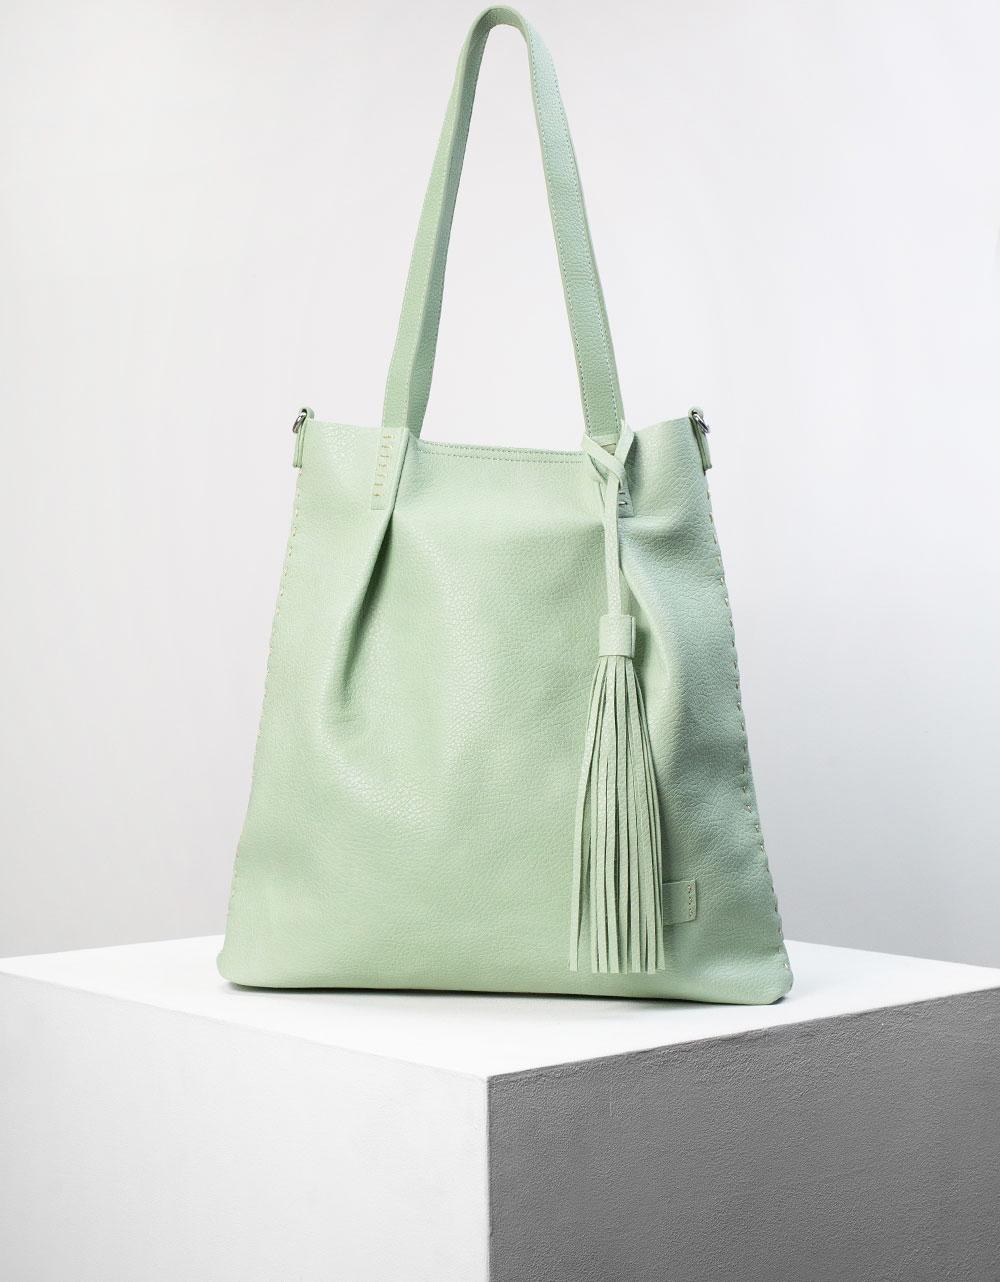 Εικόνα από Γυναικεία τσάντα ώμου με διακοσμητικό φουντάκι Πράσινο